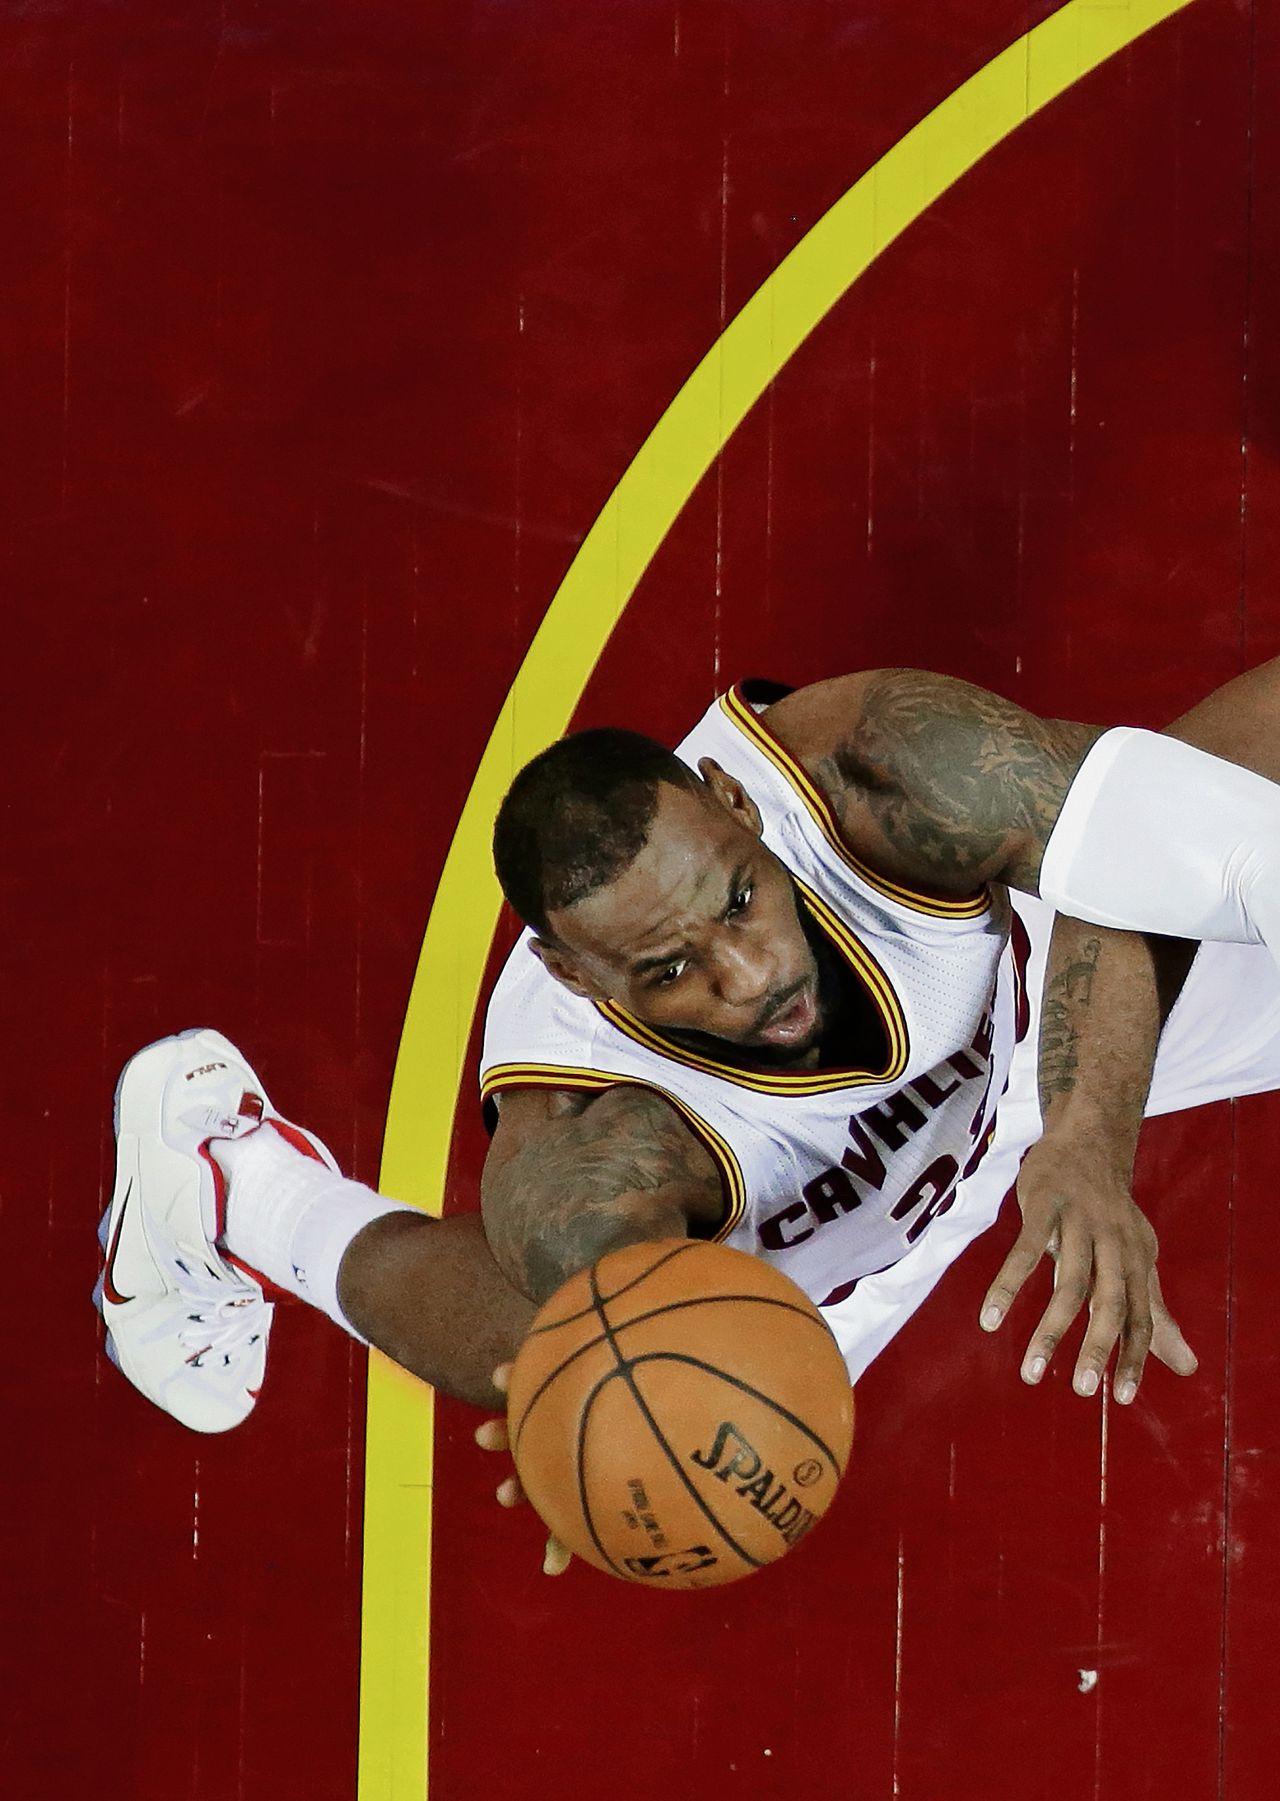 De terugkeer van LeBron James dit seizoen naar de Cleveland Cavaliers heeft het zelfvertrouwen van ploeg en stad een flinke impuls gegeven.